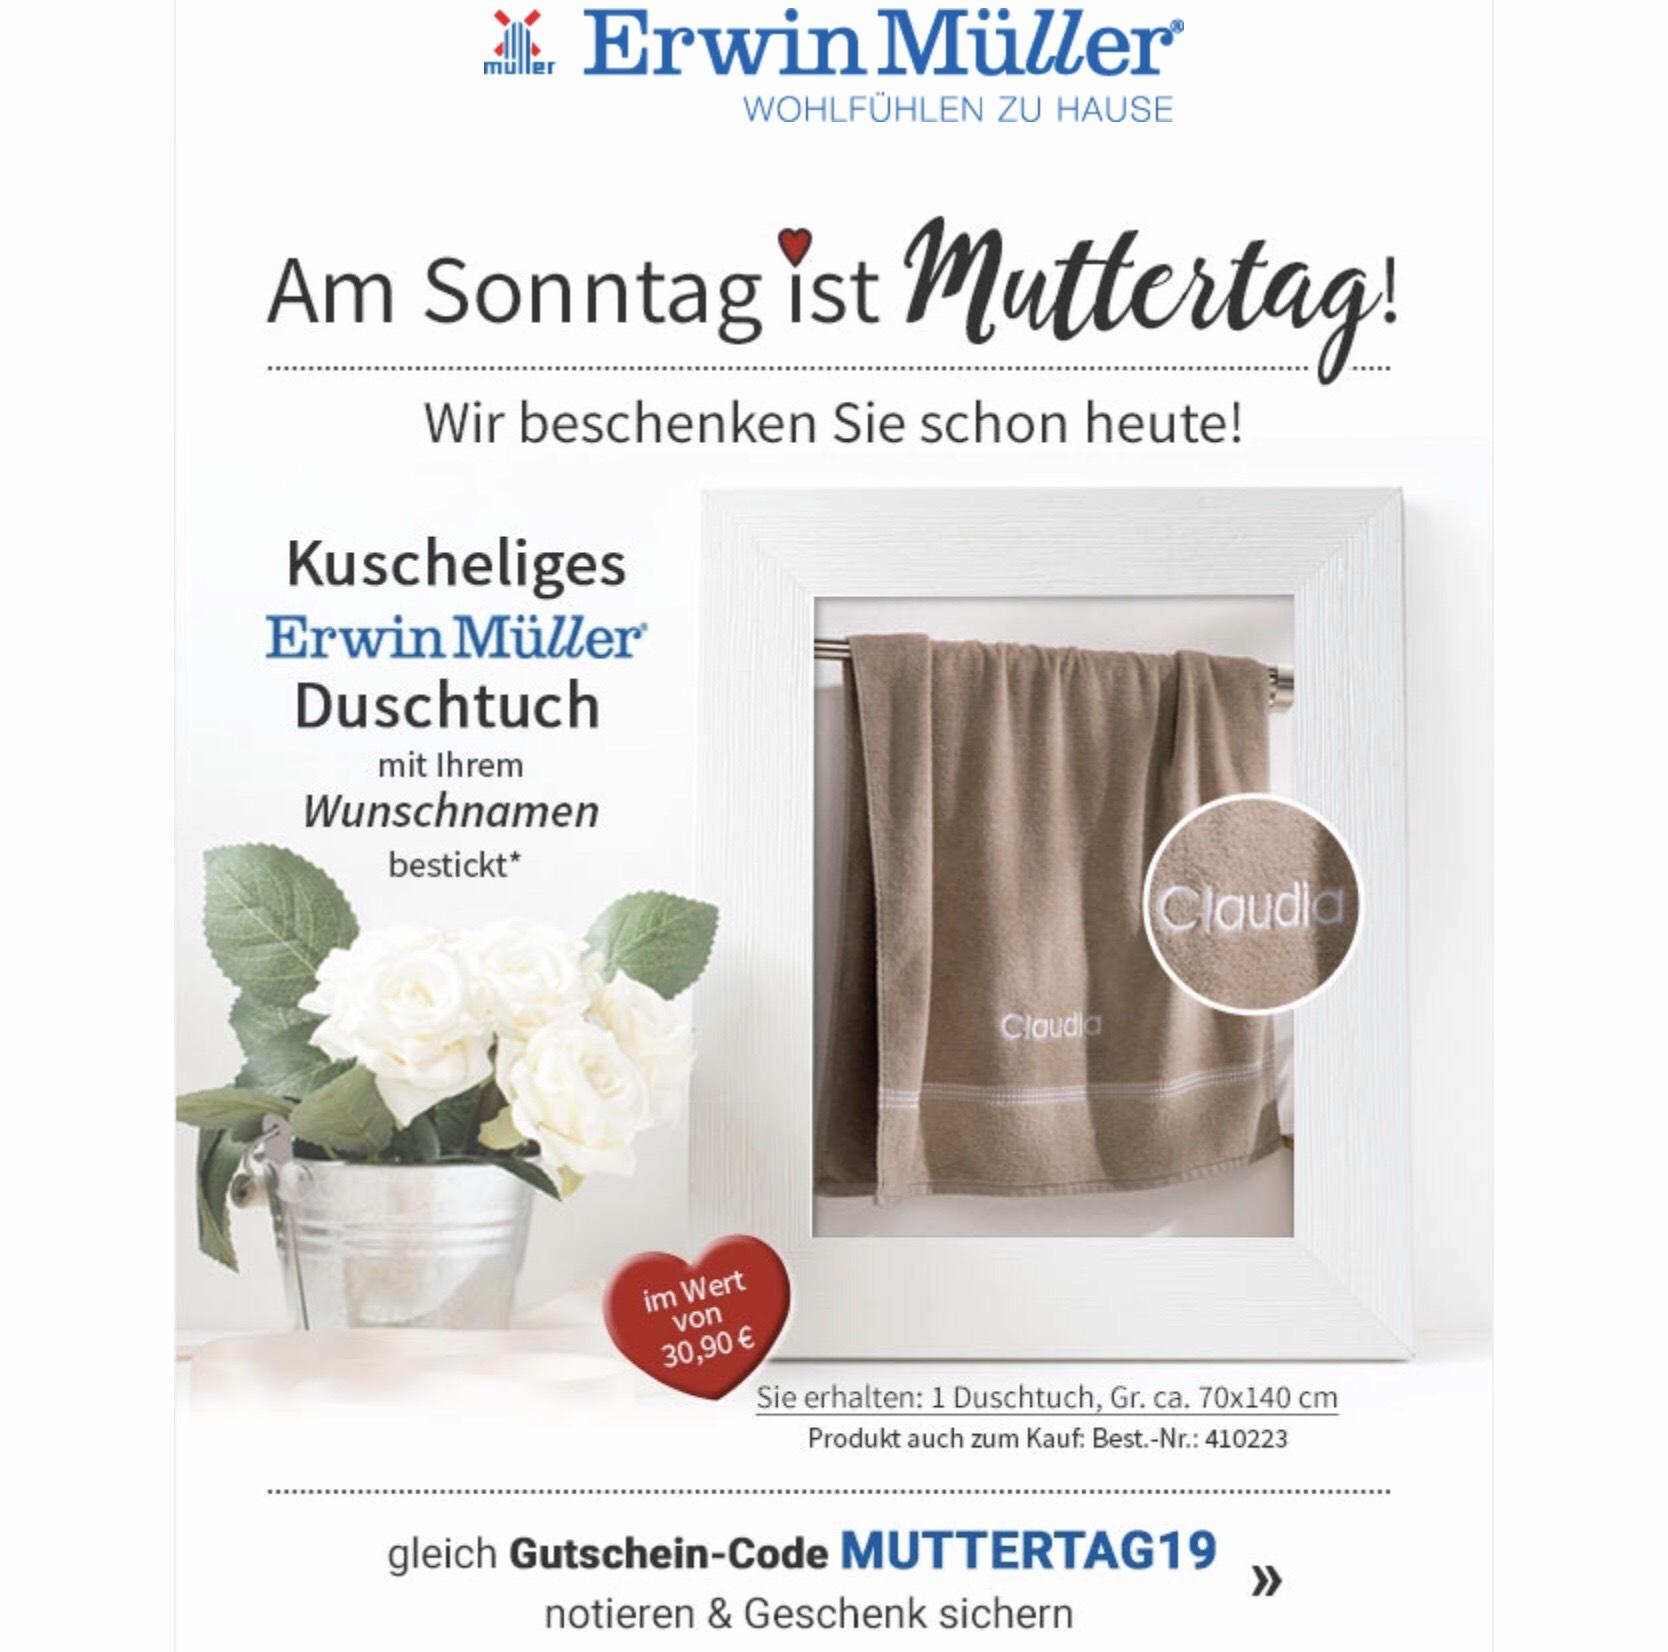 Erwin Müller - Duschhandtuch mit Wunschnamen bestickt (kostenlos zu einer Bestellung ab 30€)